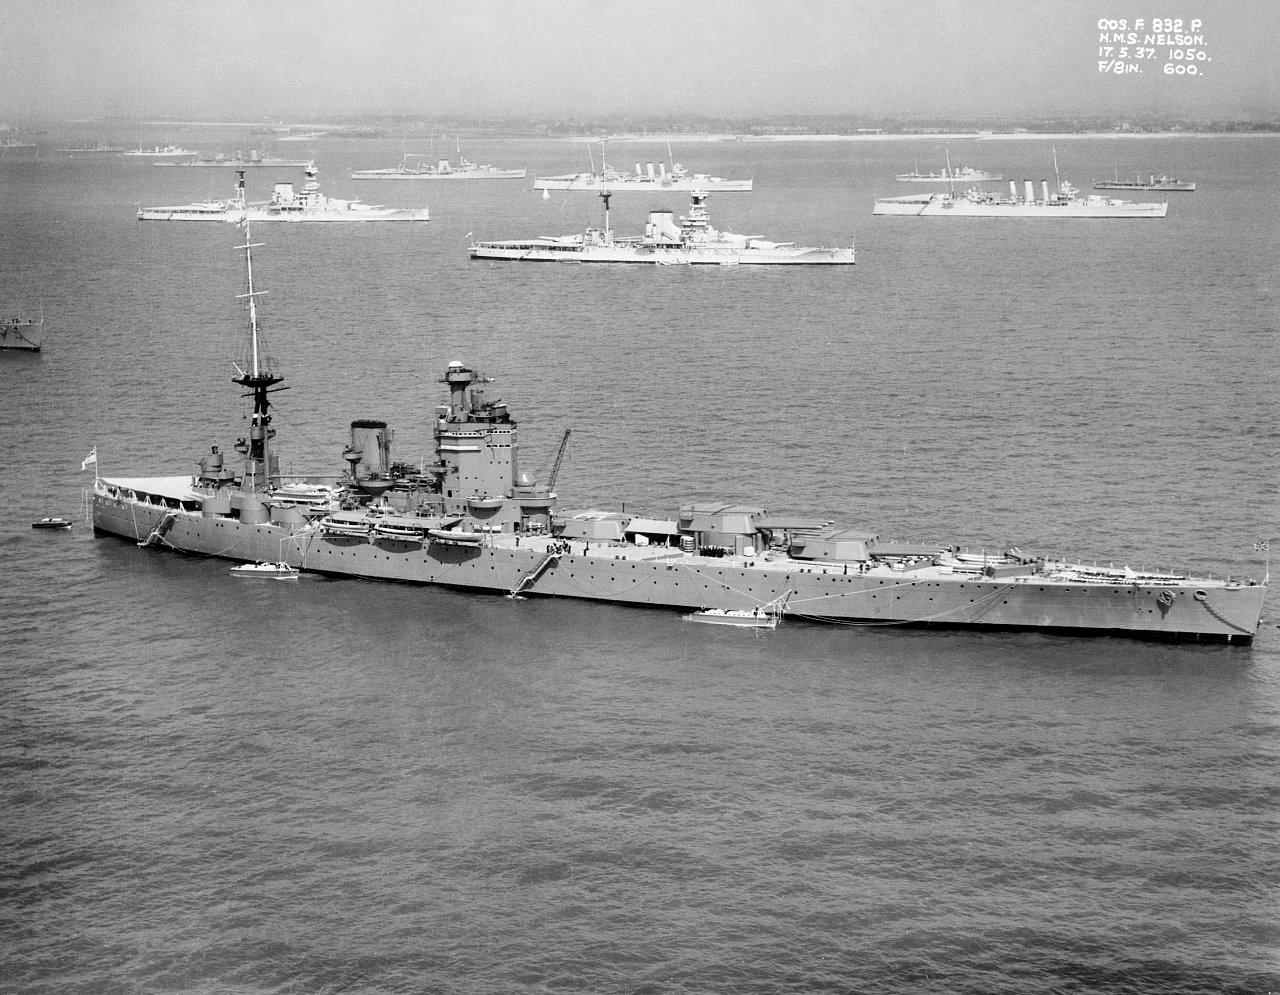 A Nelson csatahajó, egy háború előtti flottaszemlén.